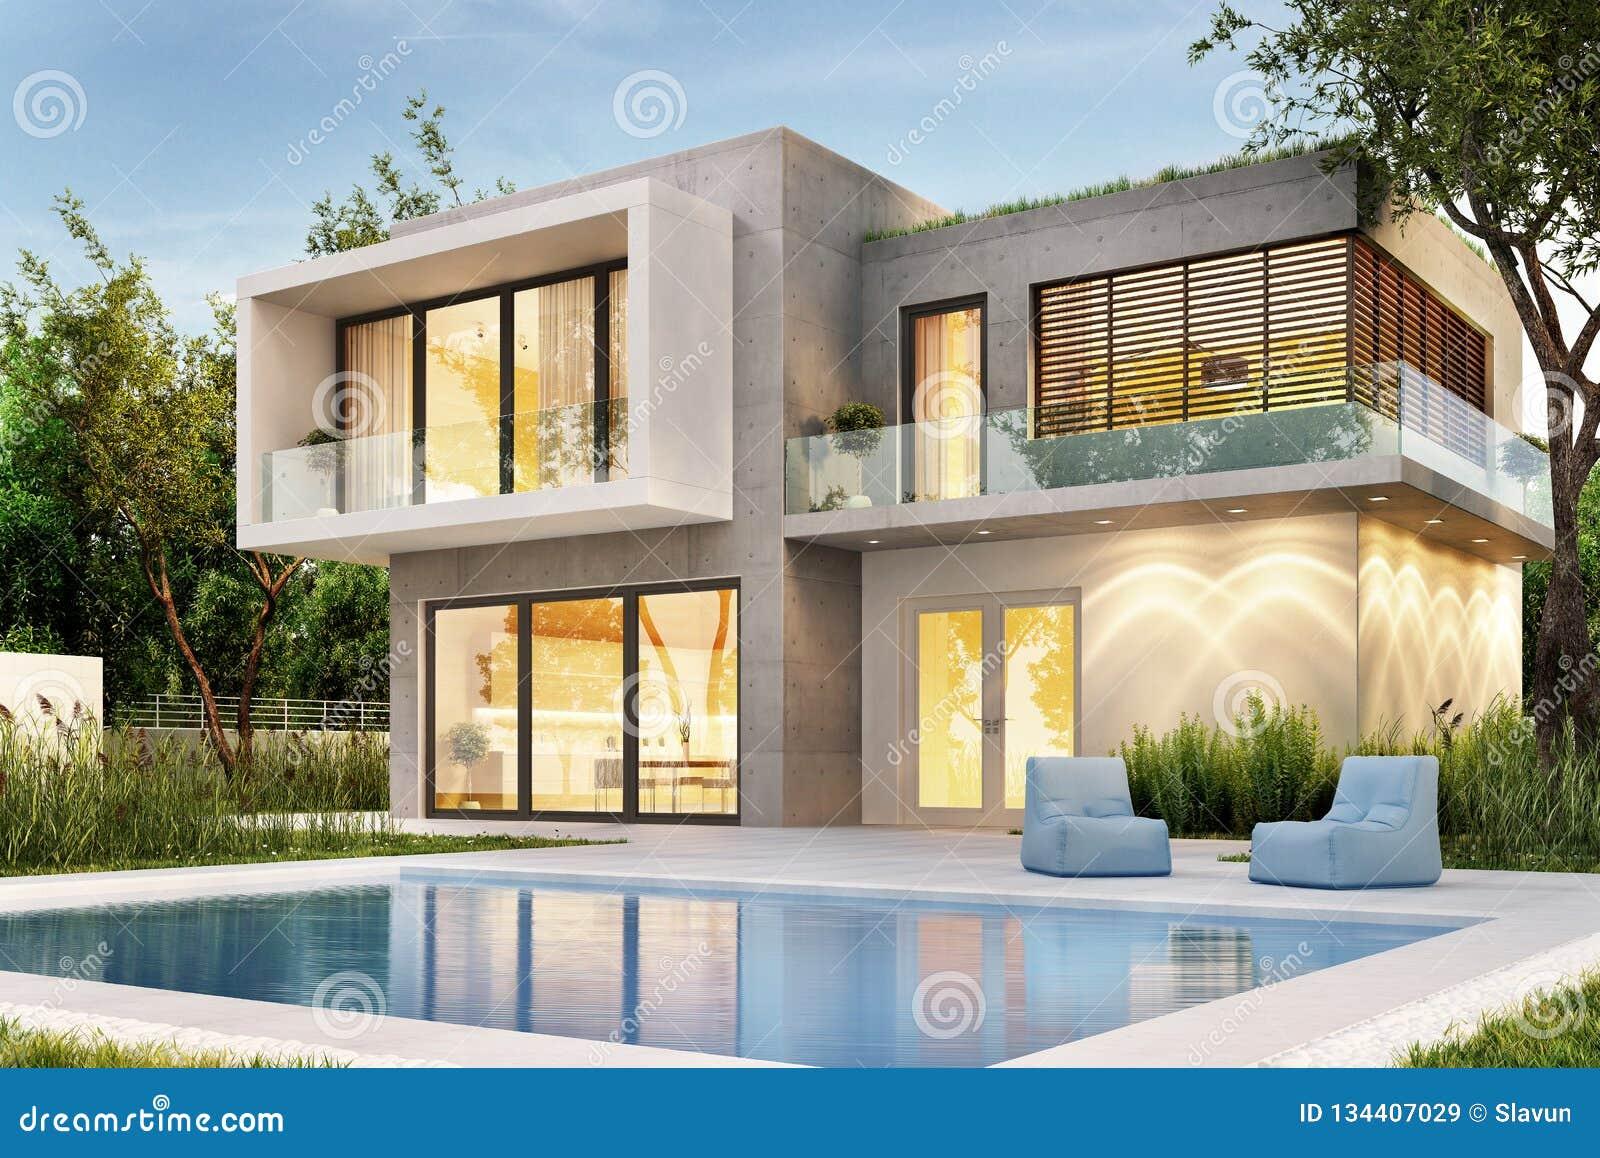 Meme La Vue D Une Maison Moderne Avec L Eclairage Et Une Piscine Image Stock Image Du Maison Meme 134407029